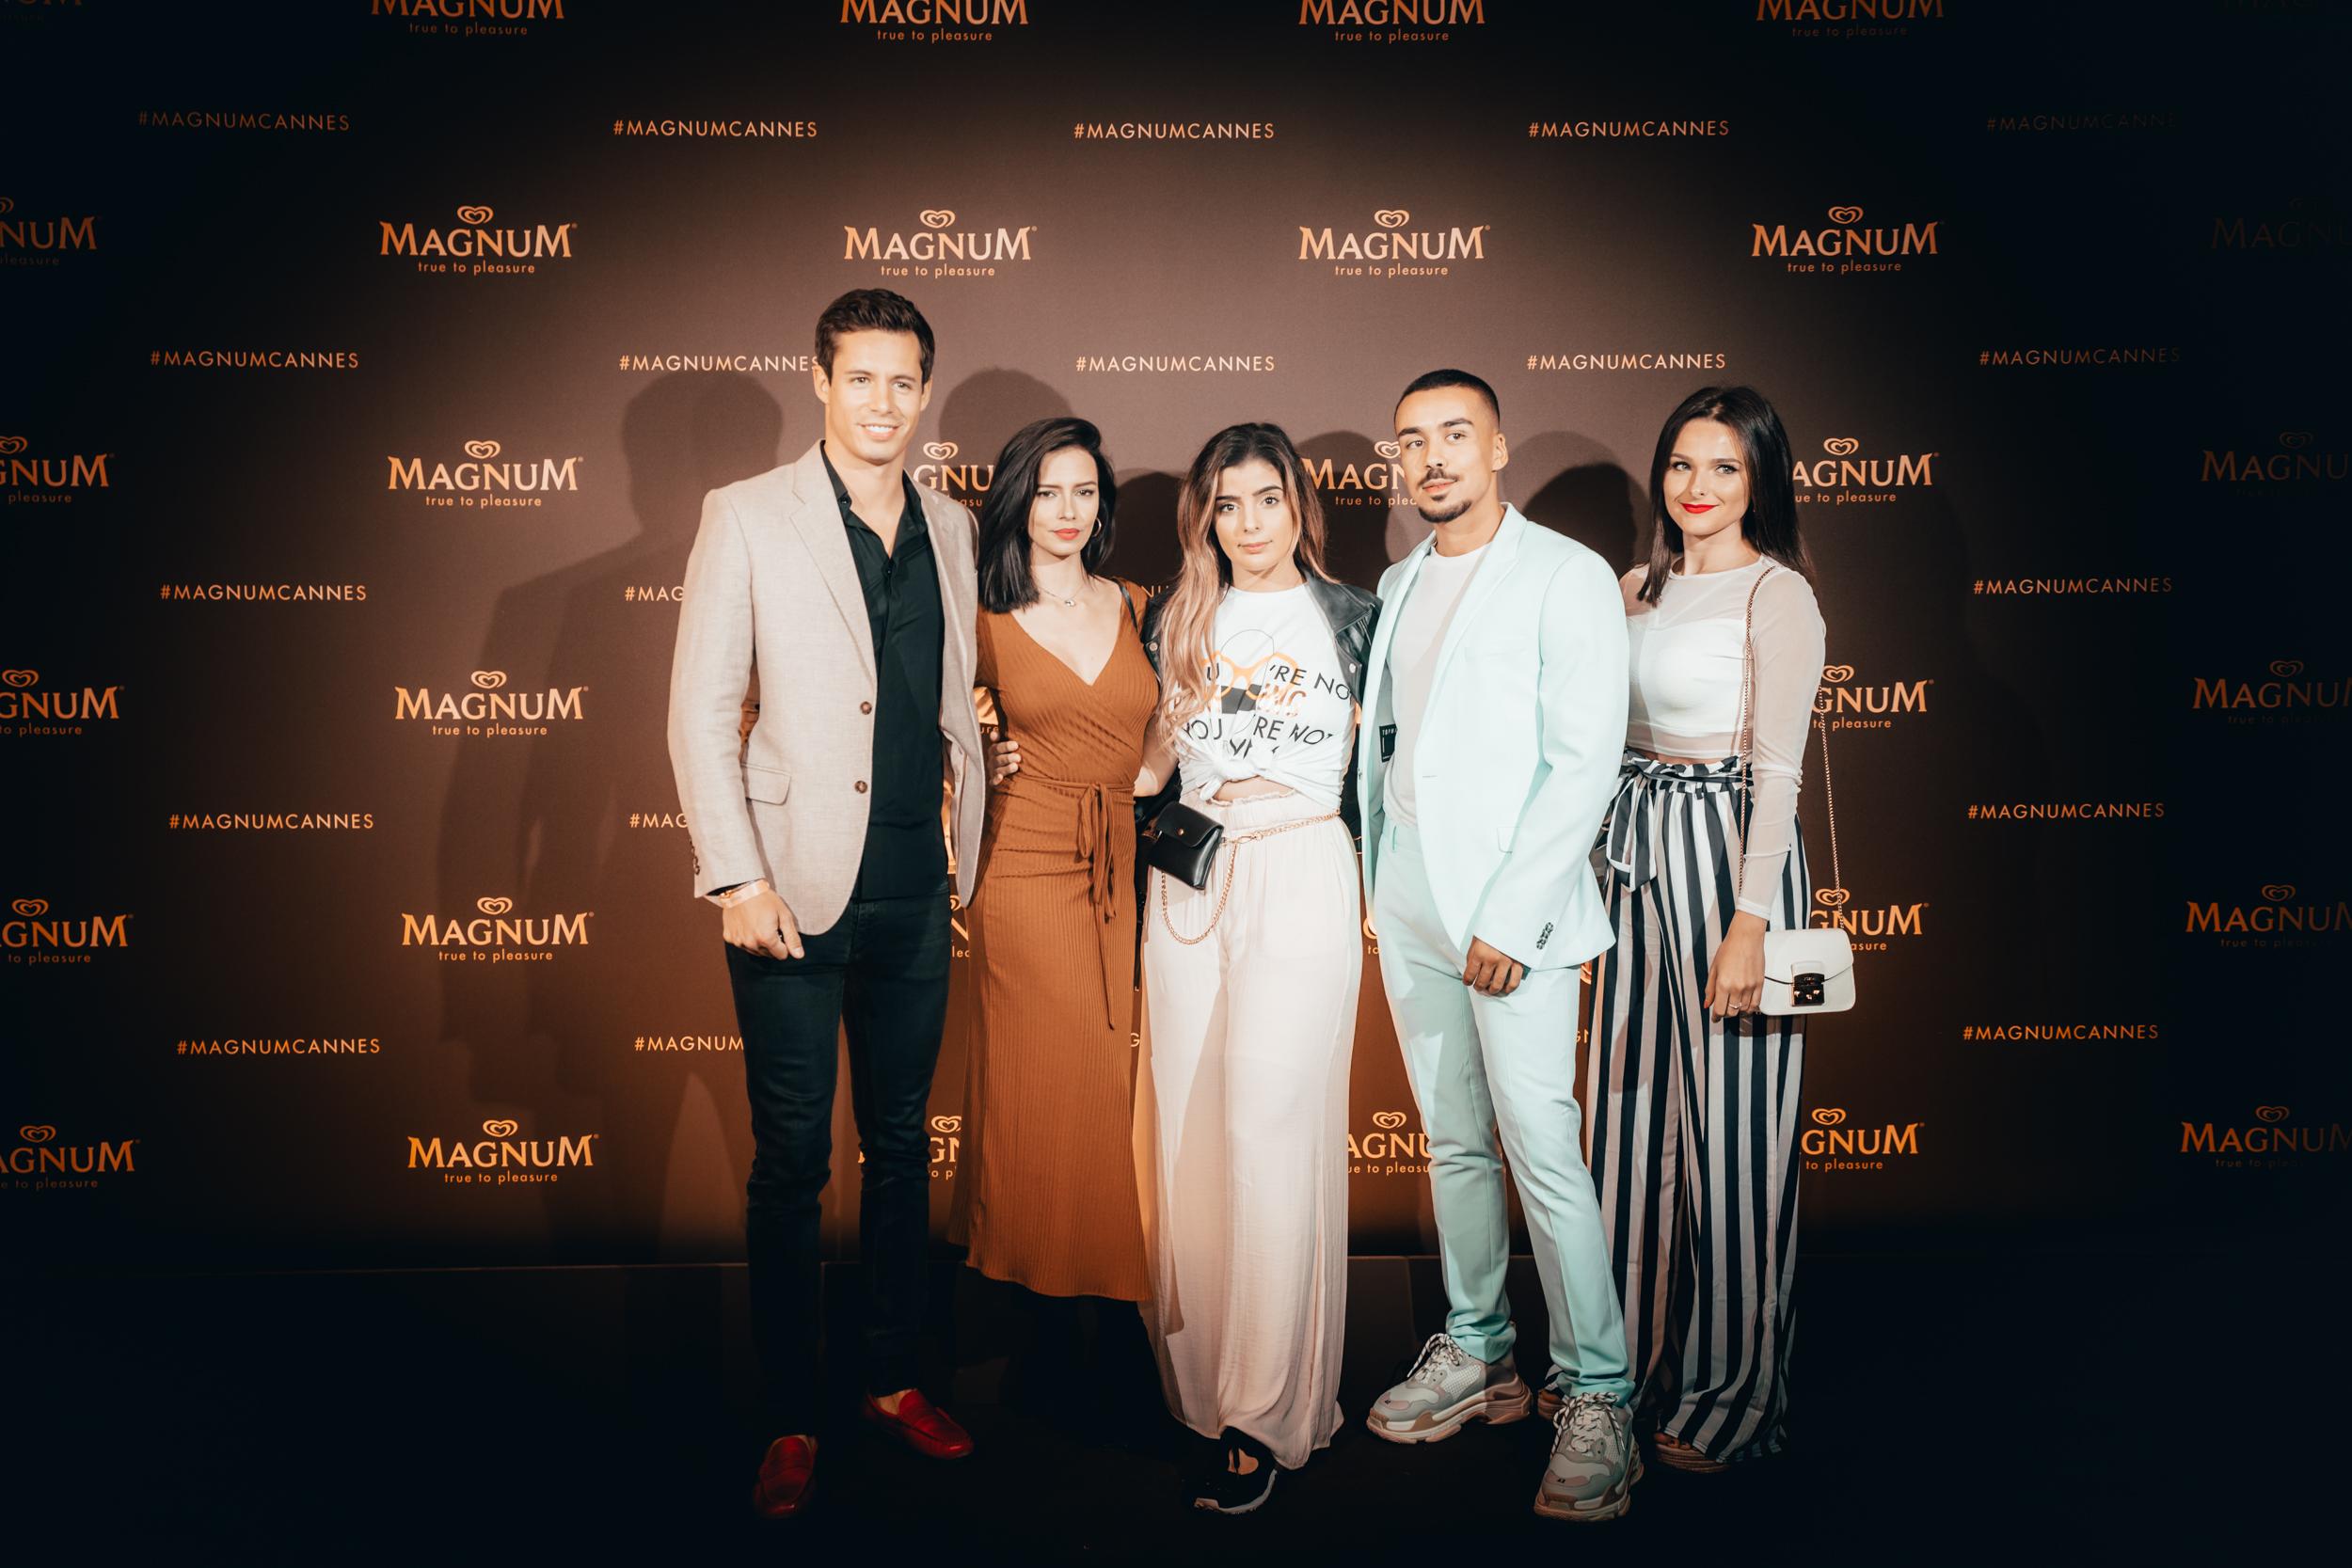 Magnum Cannes 2019_Florian Leger_HD_N°-543.jpg